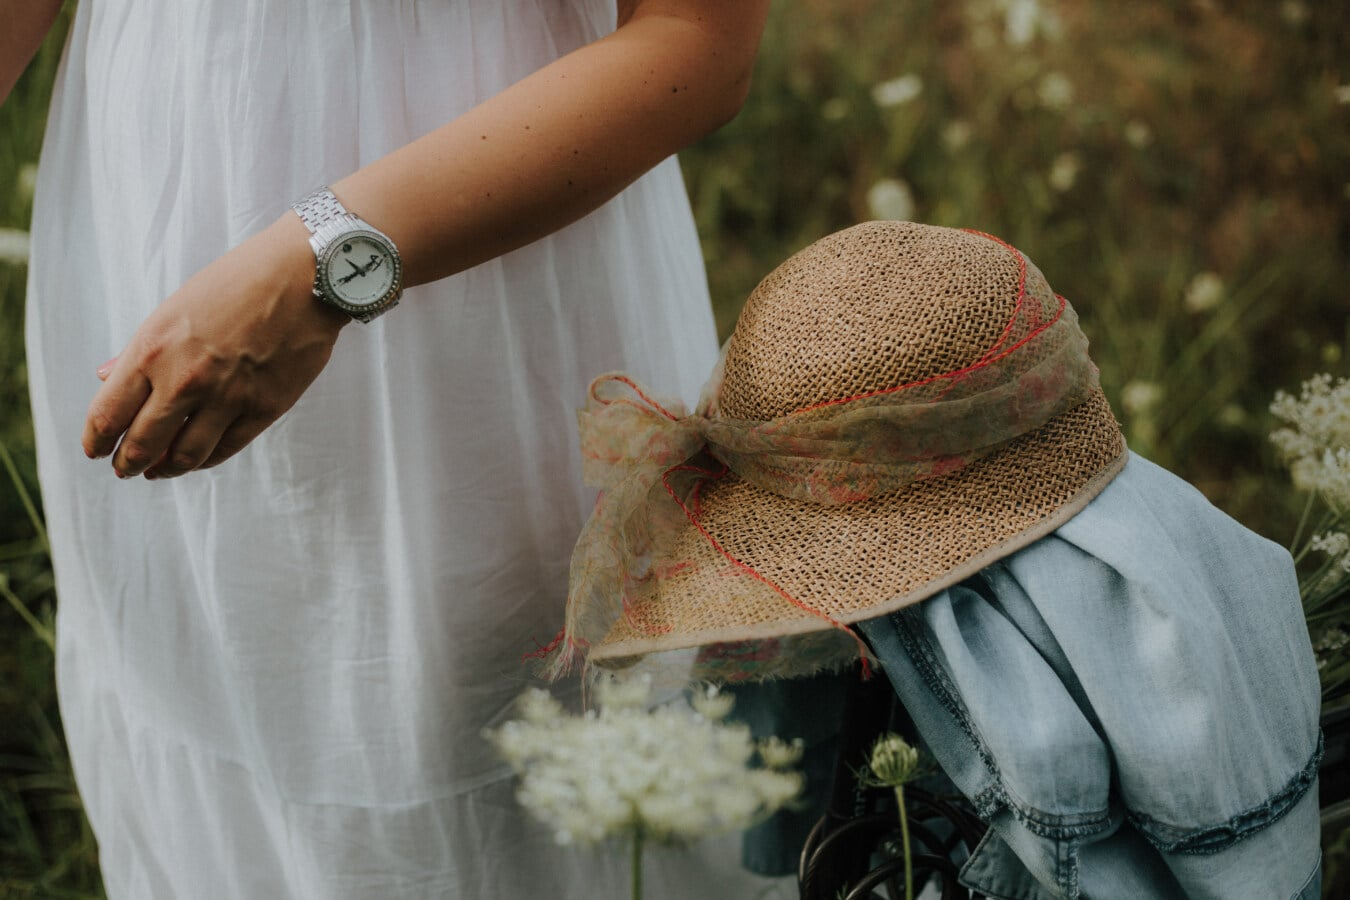 robe, blanc, jute, chapeau, veste, nature, à l'extérieur, femme, été, fleur